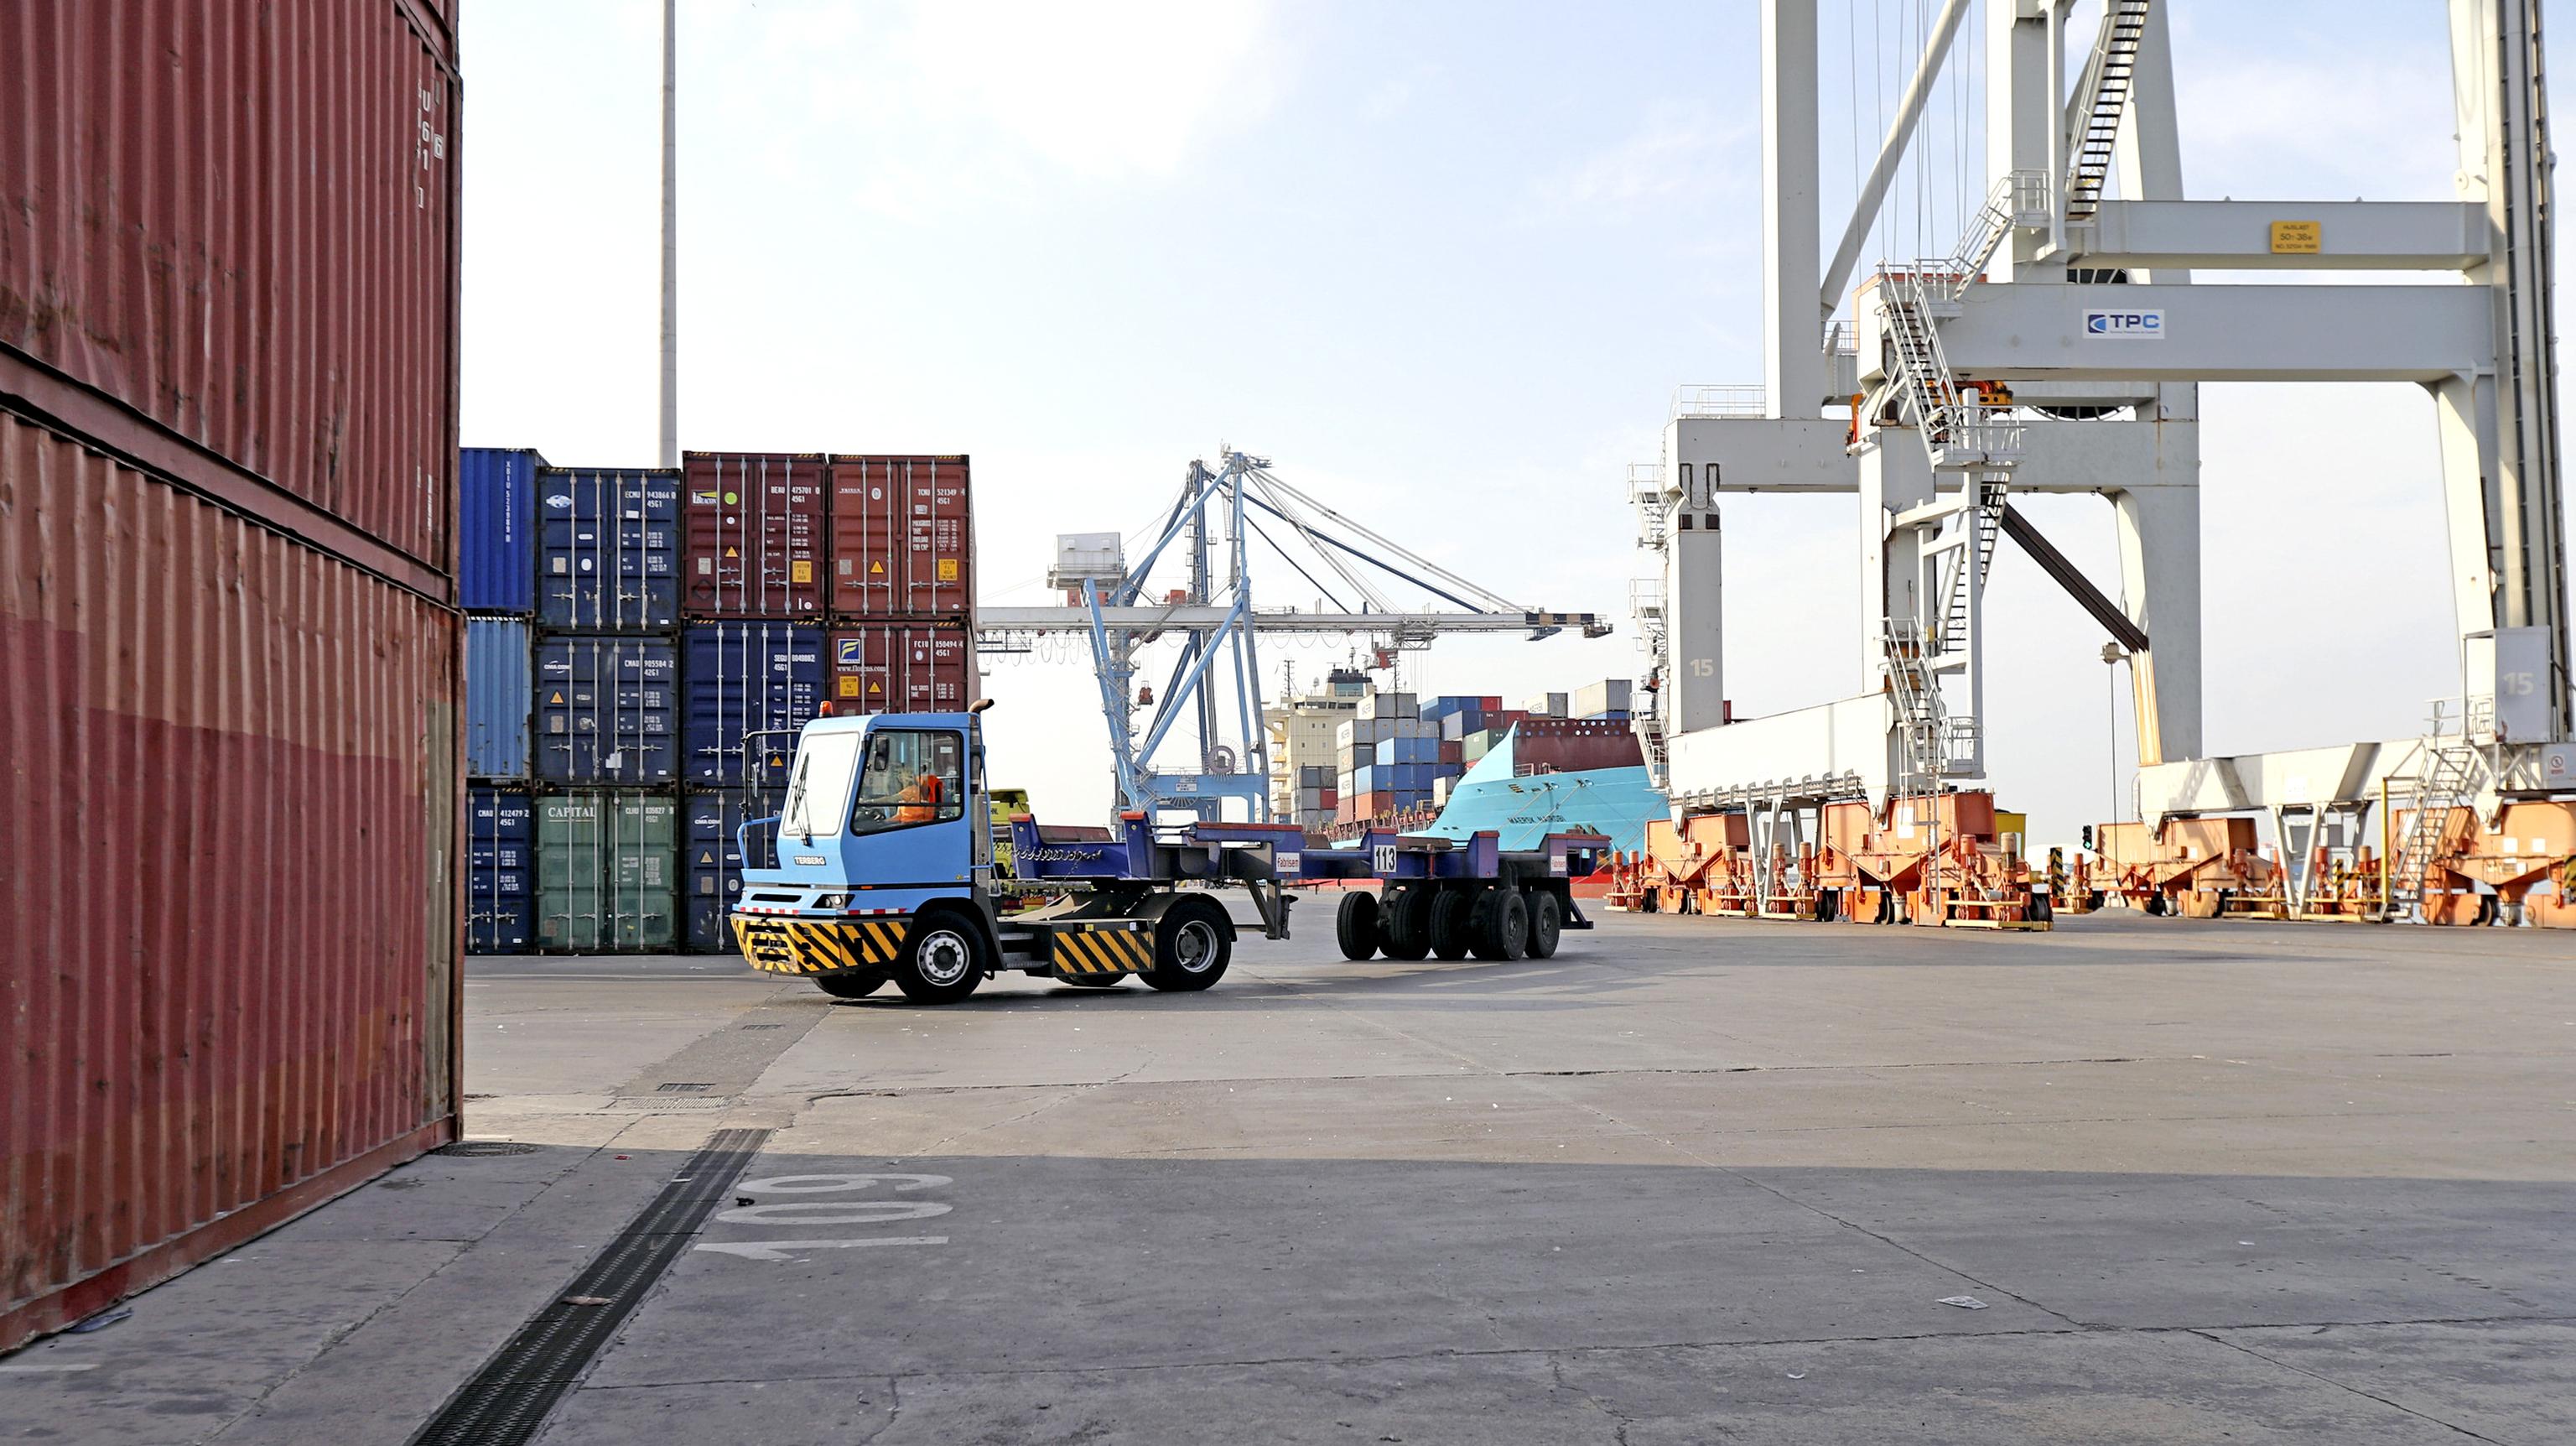 Contenedores apilados en el puerto de Castellón.